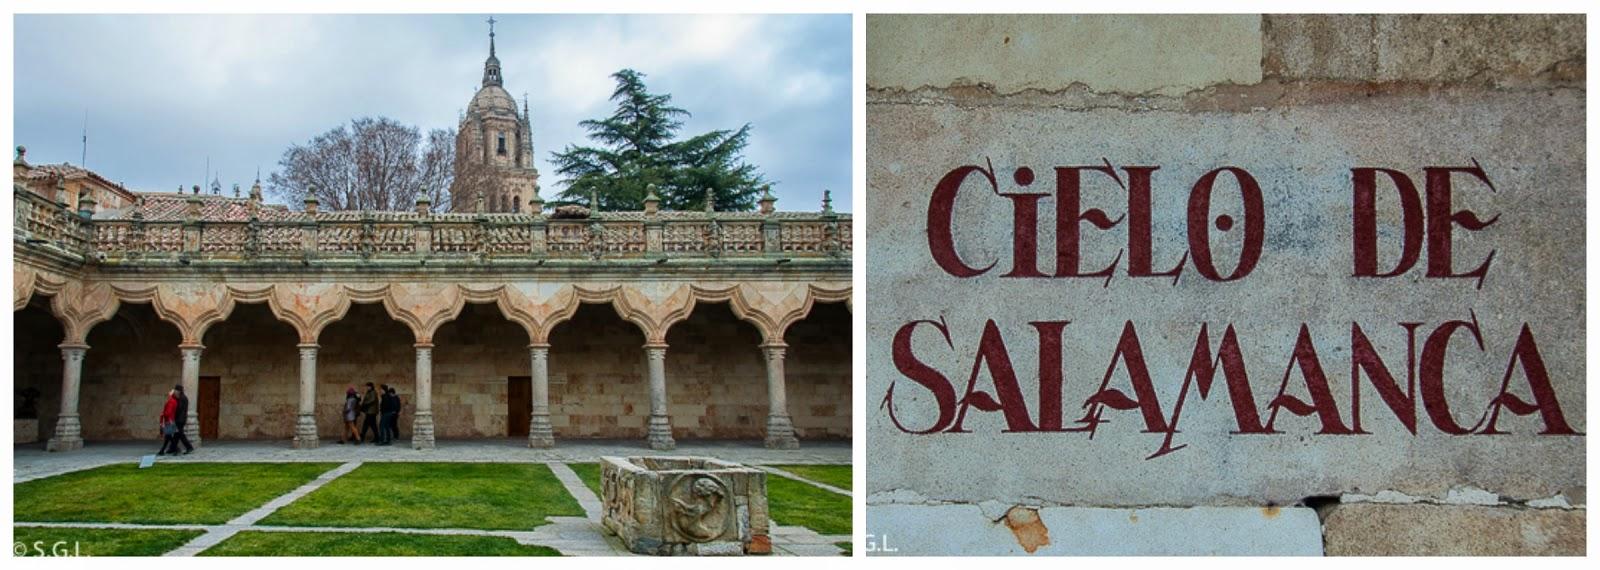 Escuelas menores y el cielo de Salamanca